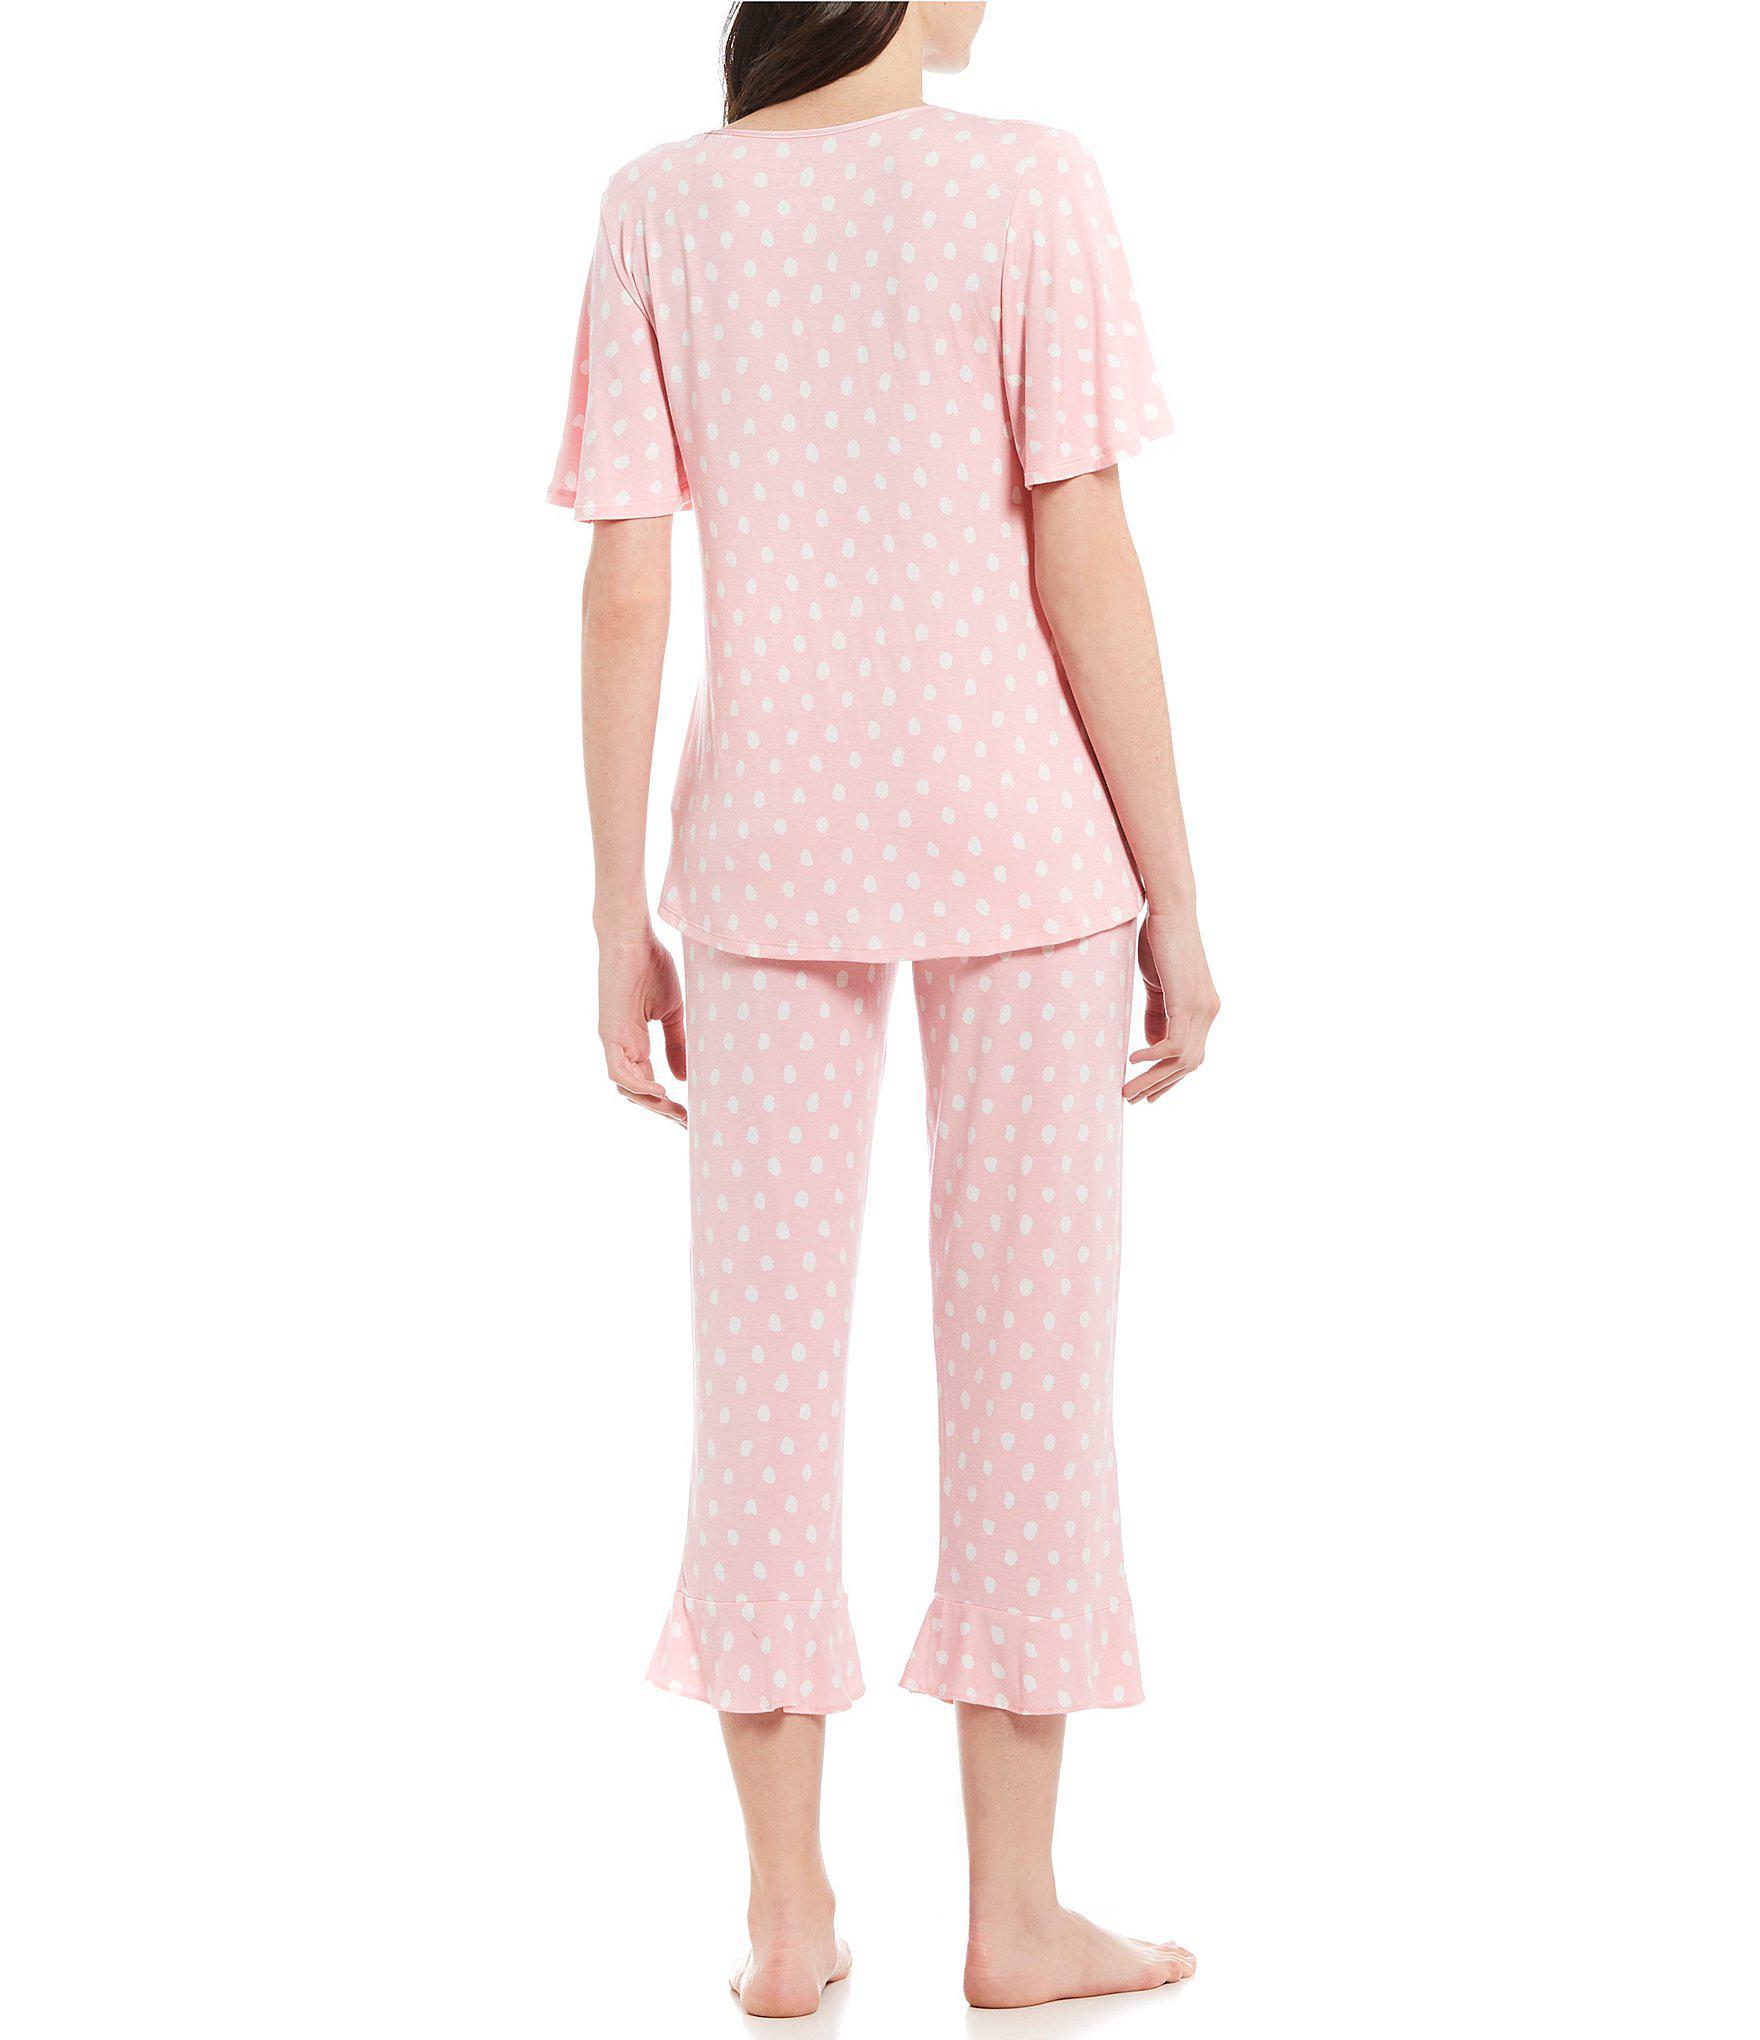 e240d513e85 Kate Spade - Pink Dot-print Jersey Pajama Set - Lyst. View fullscreen